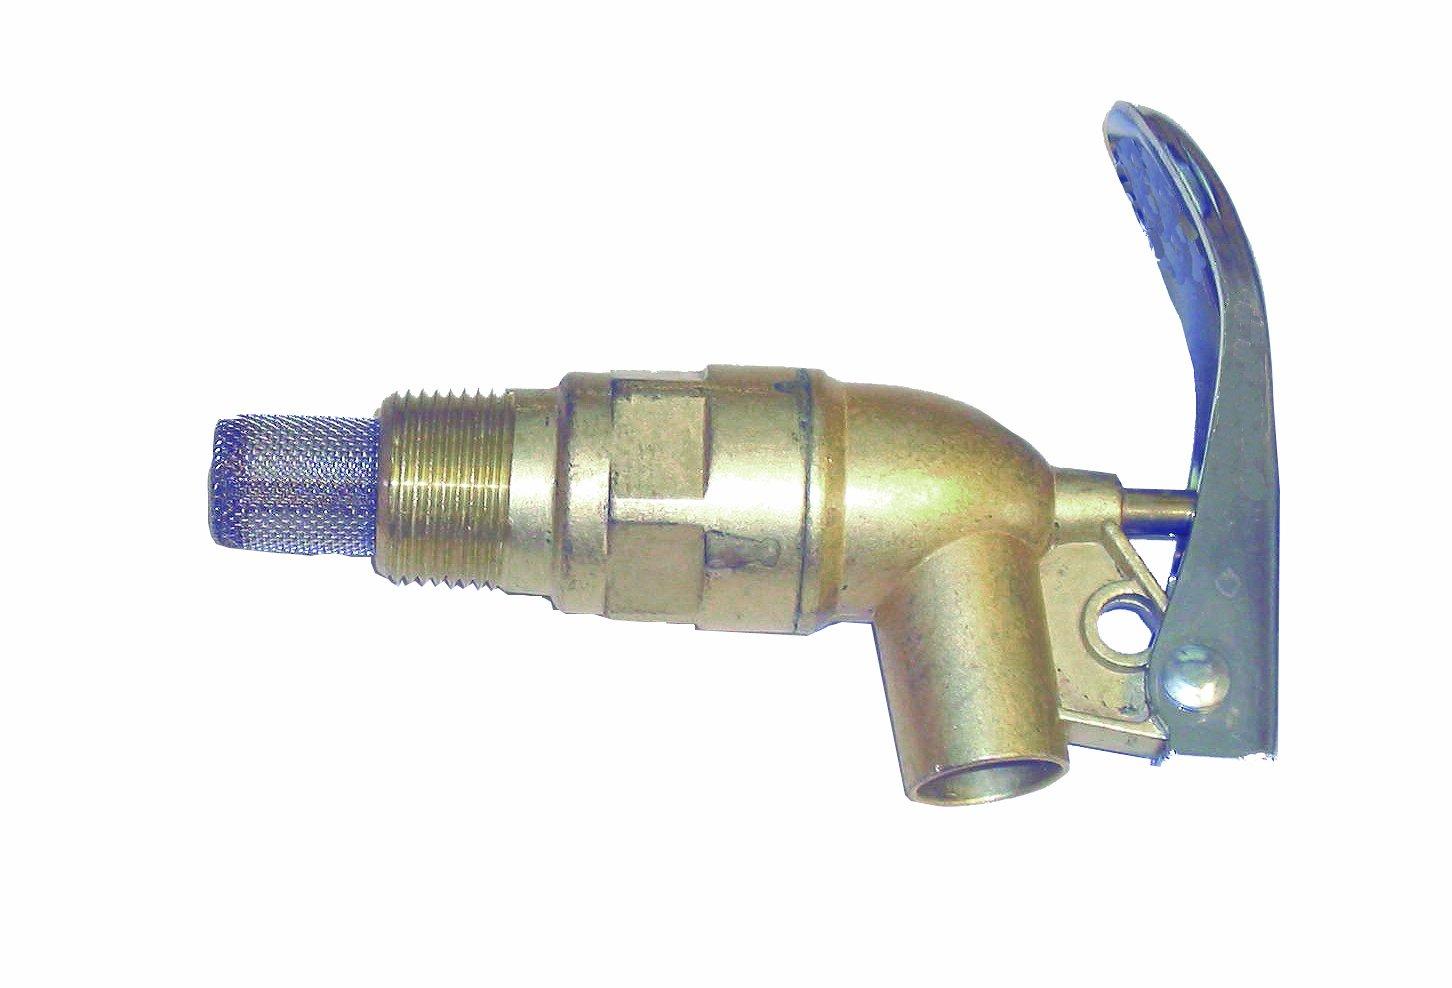 Wesco 272083 Zinc Die Cast Faucet with Viton Gasket, 0.75'' NPT Connection